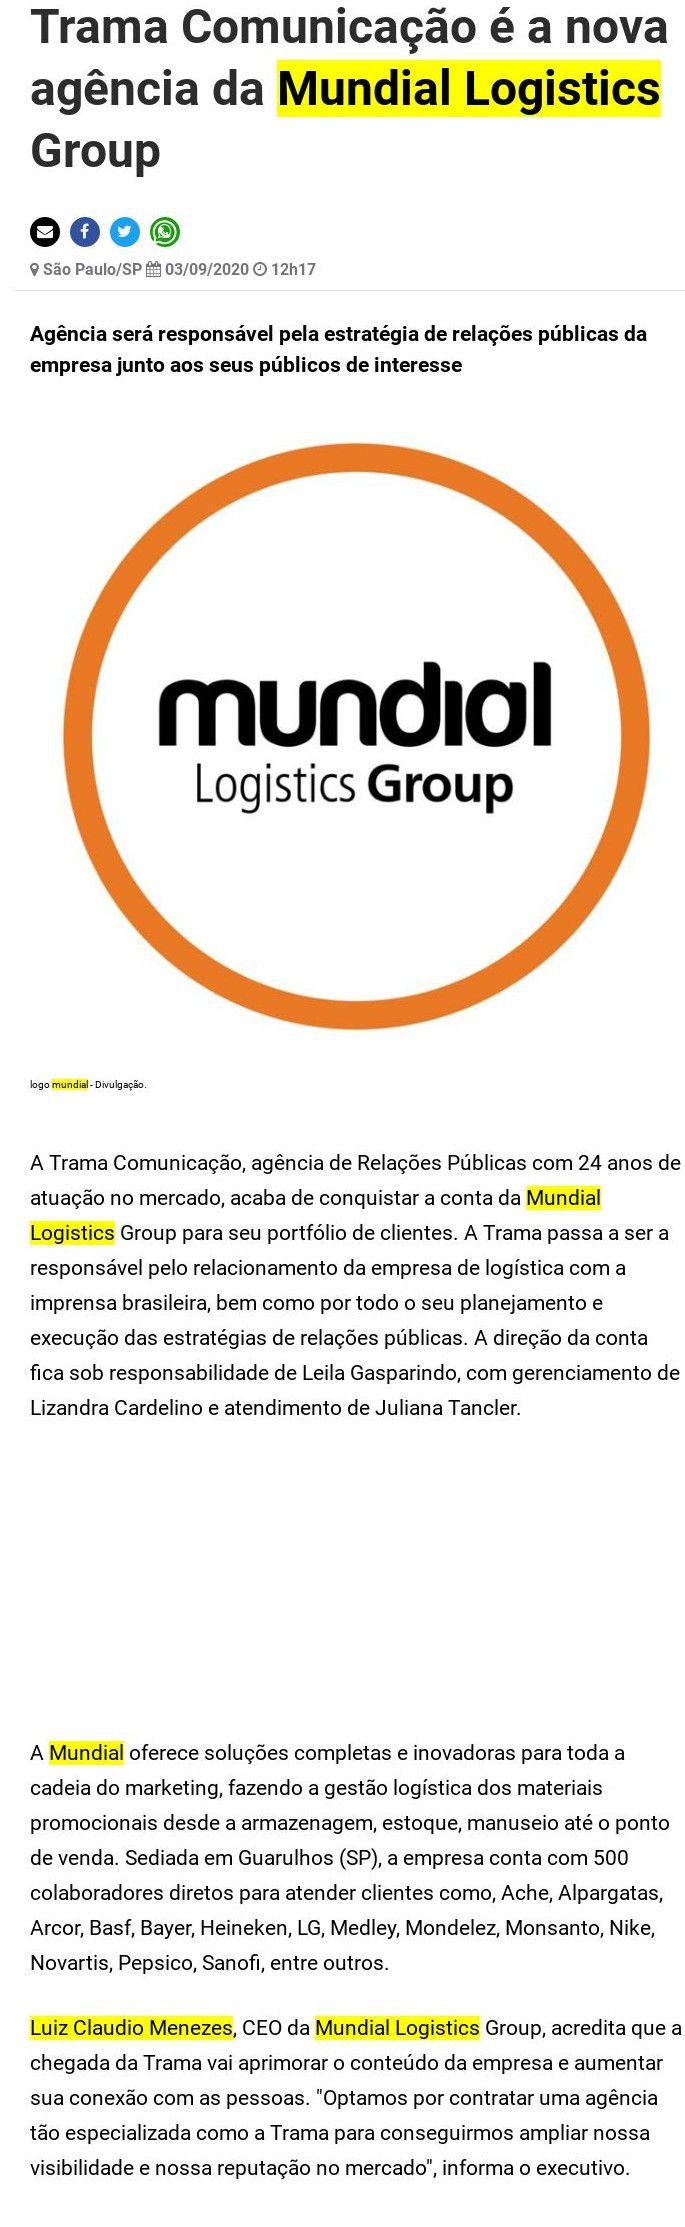 Trama Comunicação é a nova agência da Mundial Logistics Group - Negócios em Foco